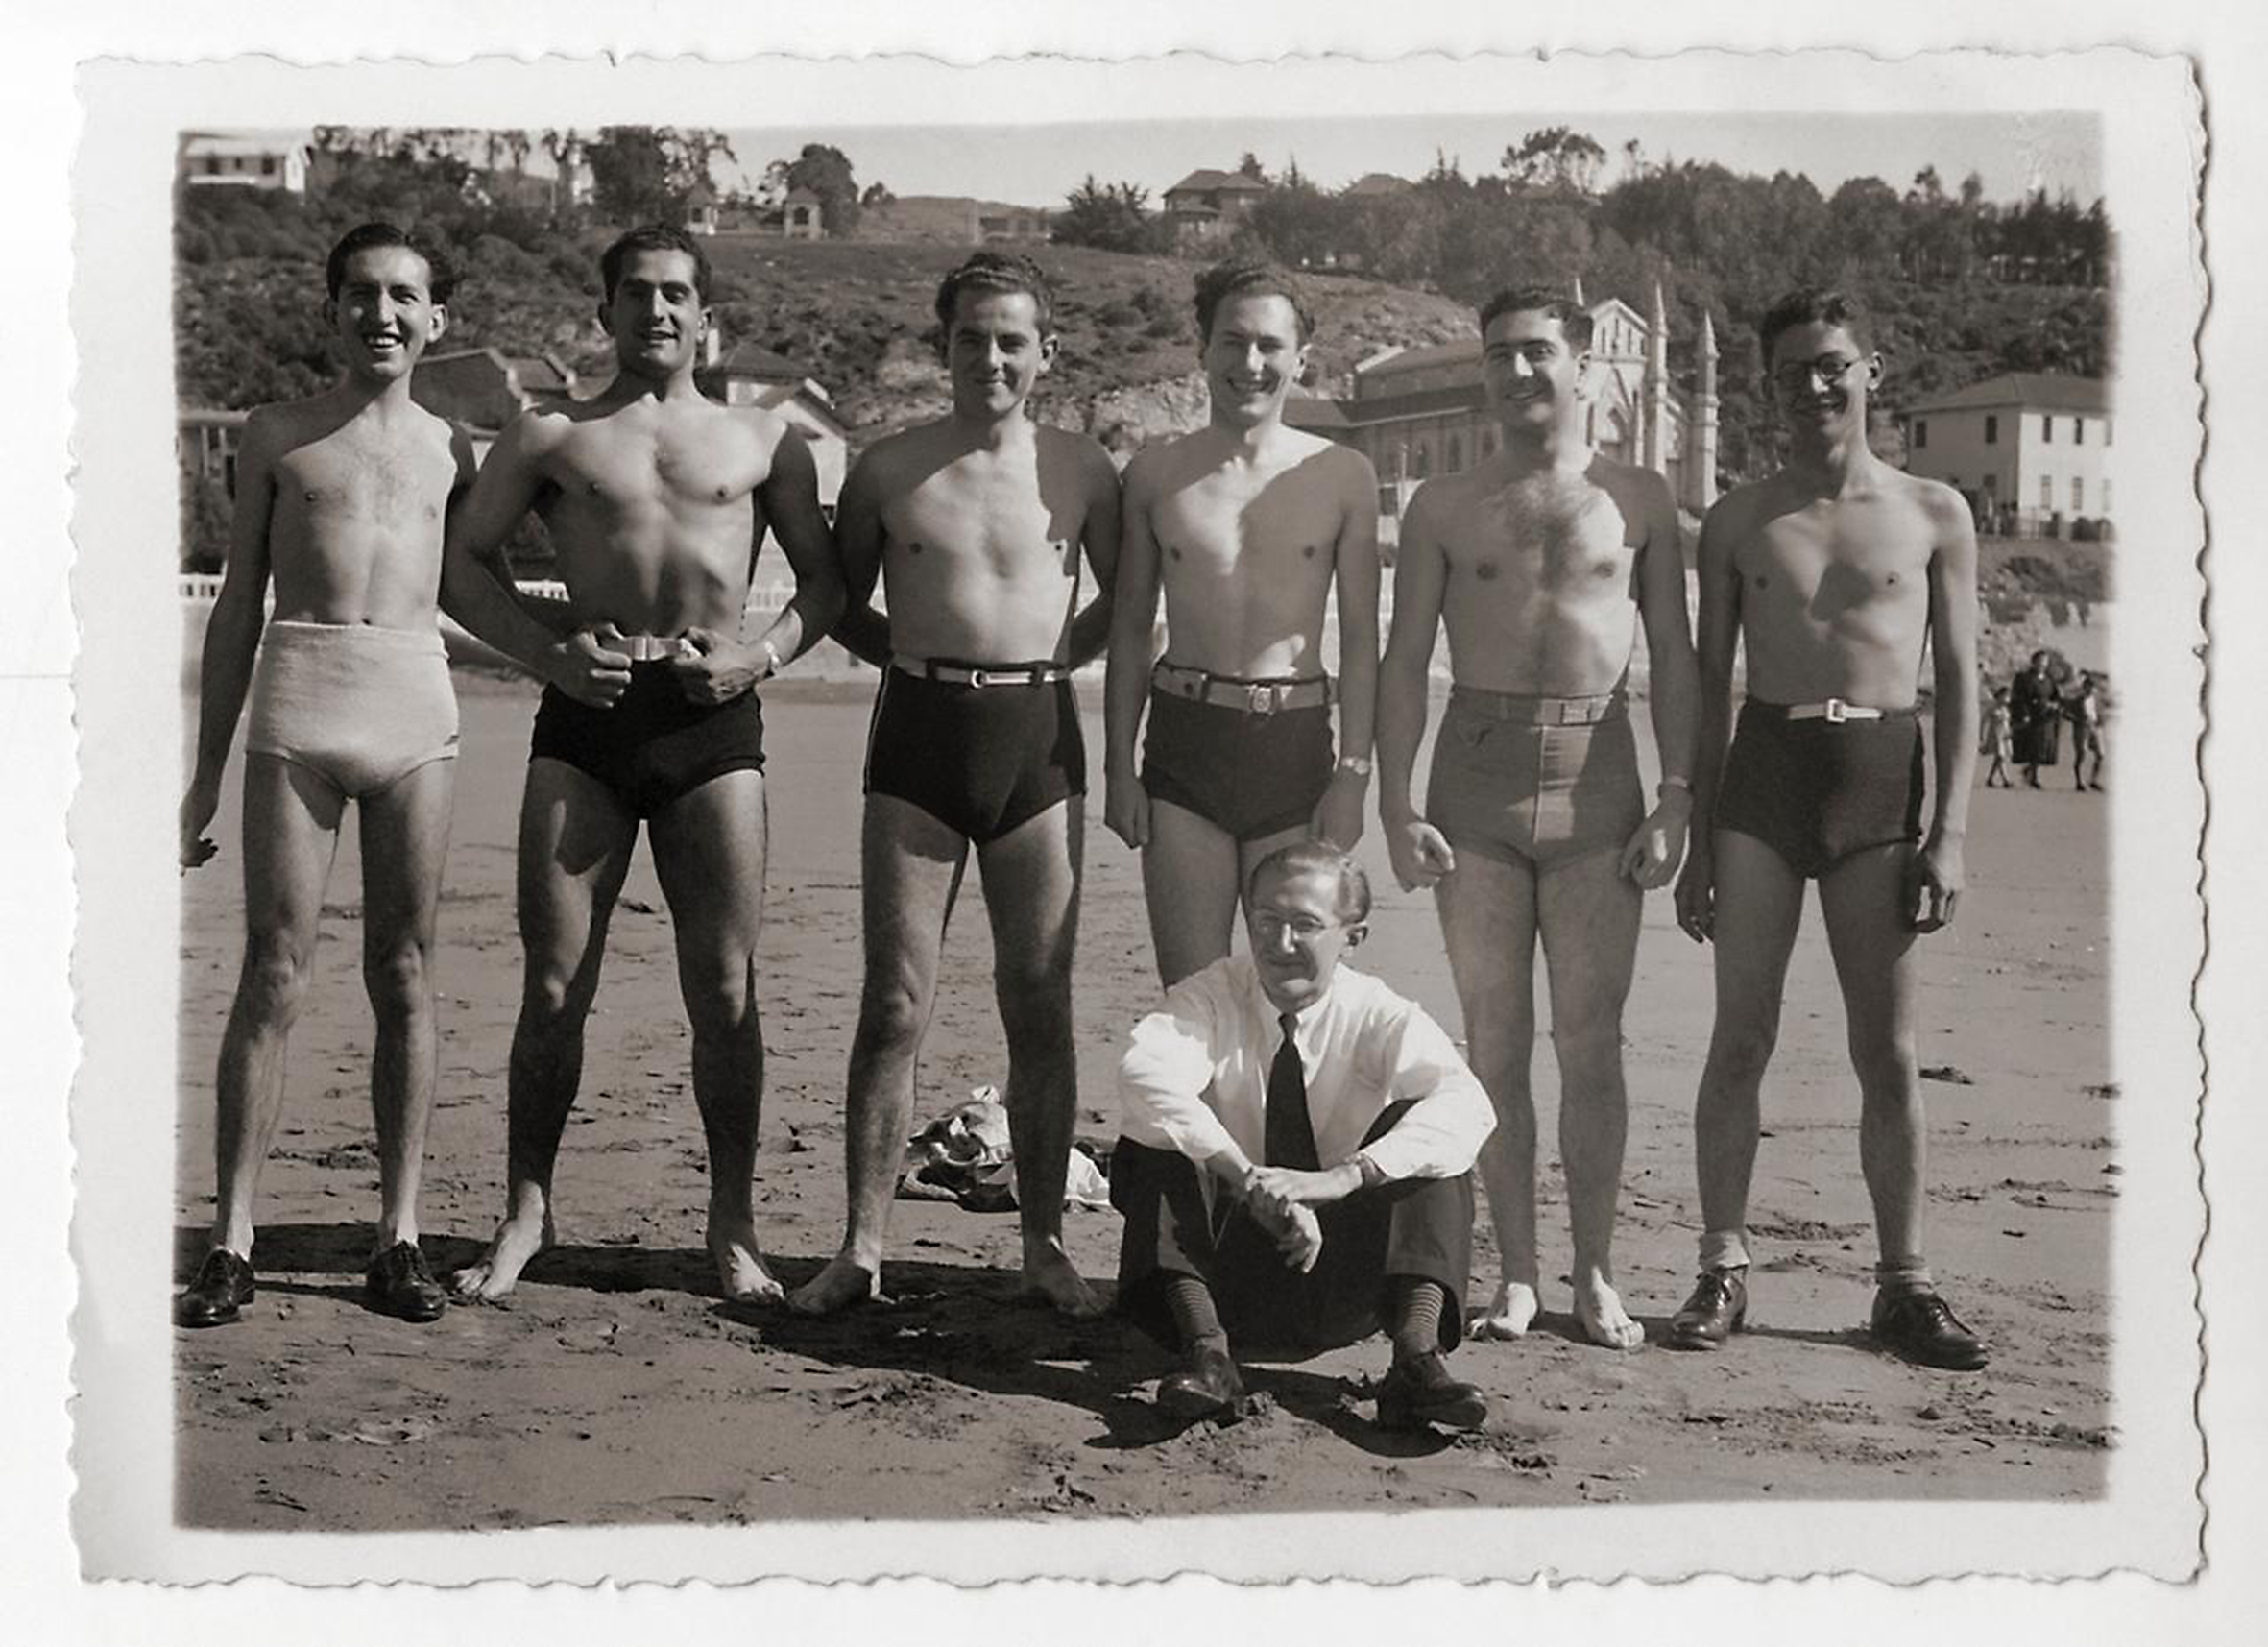 Enterreno - Fotos históricas de chile - fotos antiguas de Chile - Amigos en Playa Chica de Cartagena en 1930